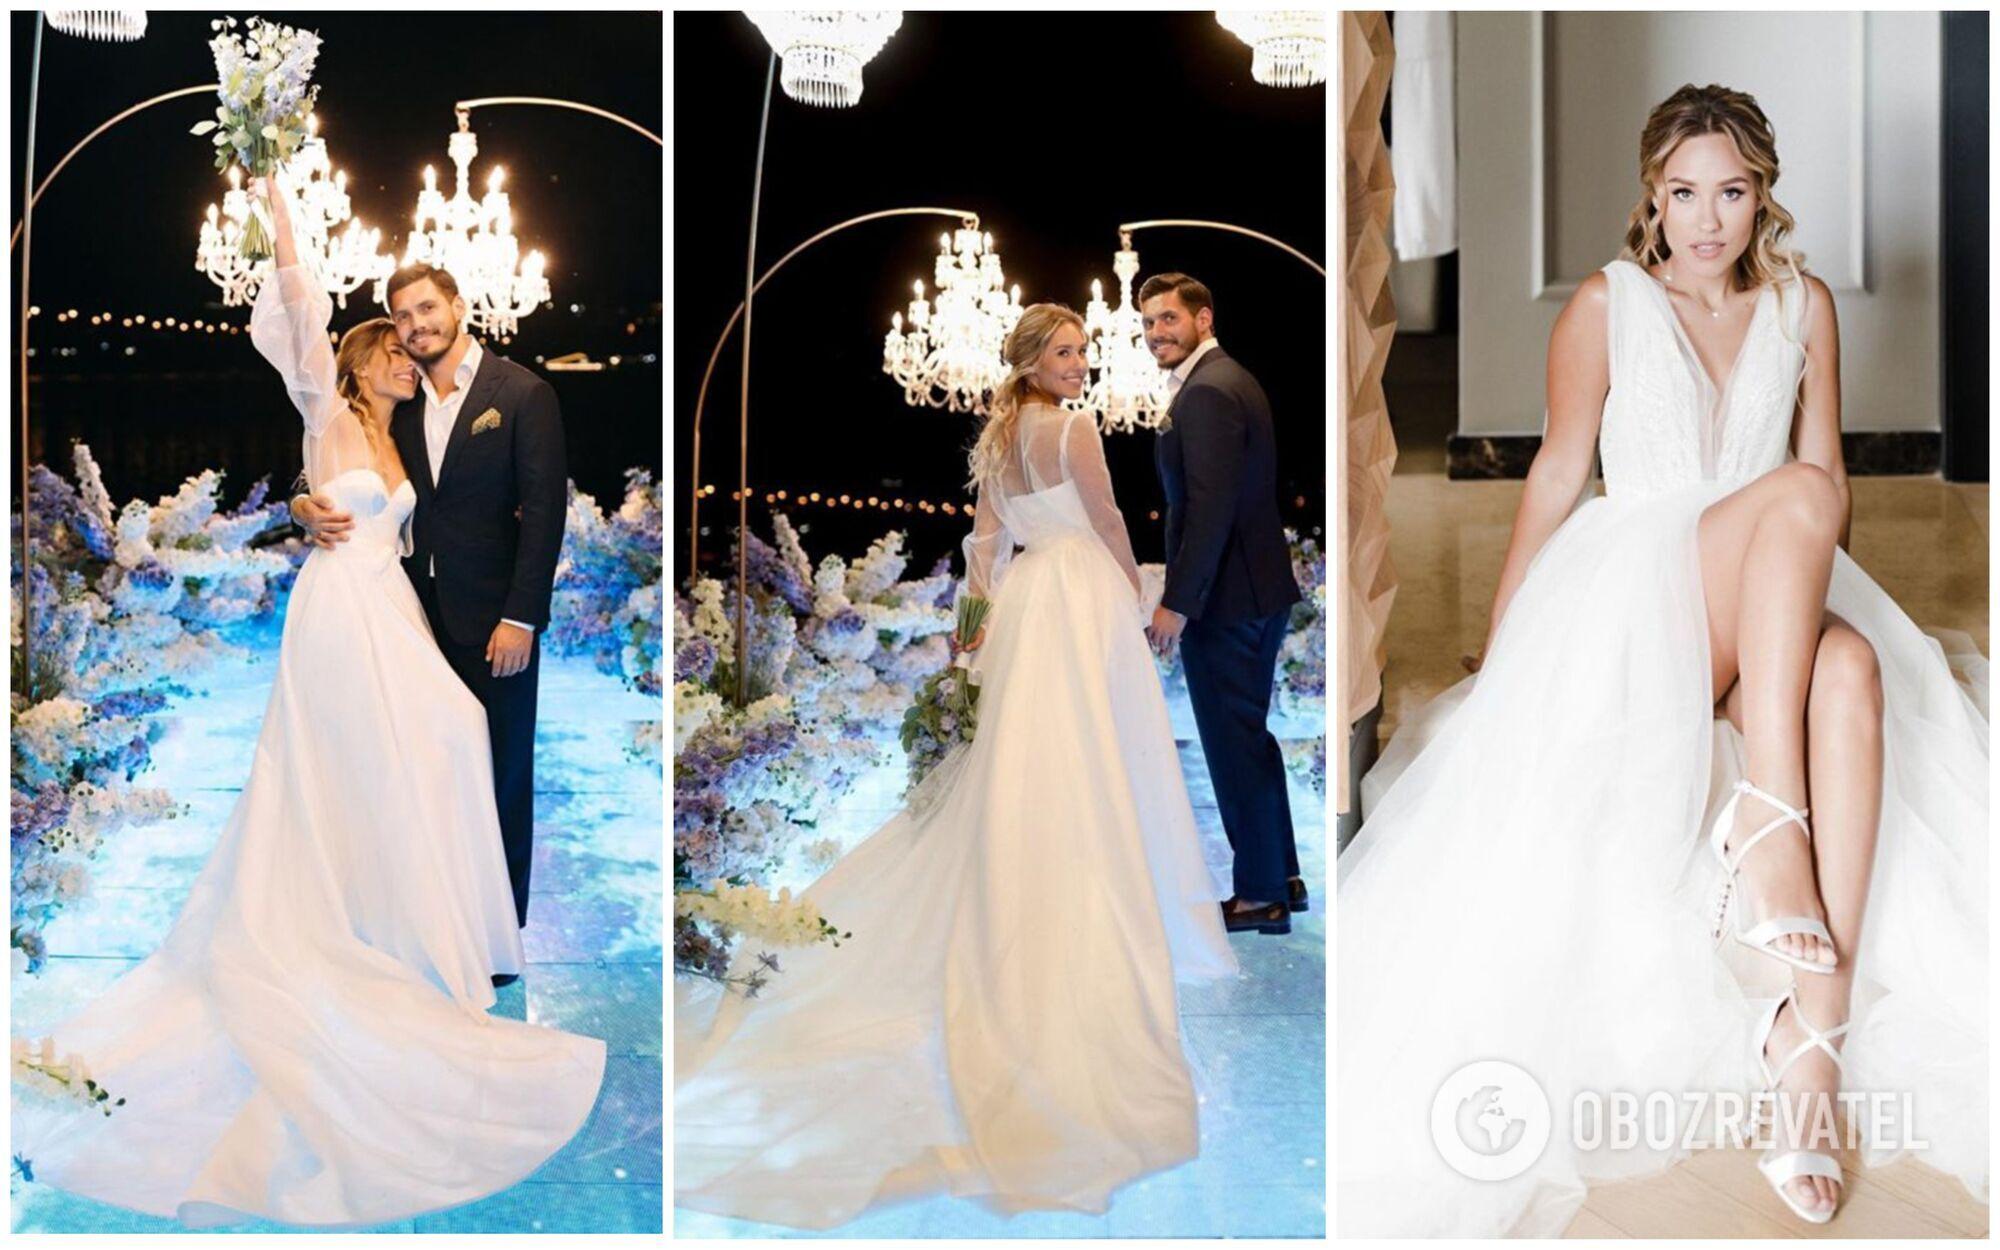 Даша Квіткова та Микита Добринін зіграли весілля в серпні 2020 року